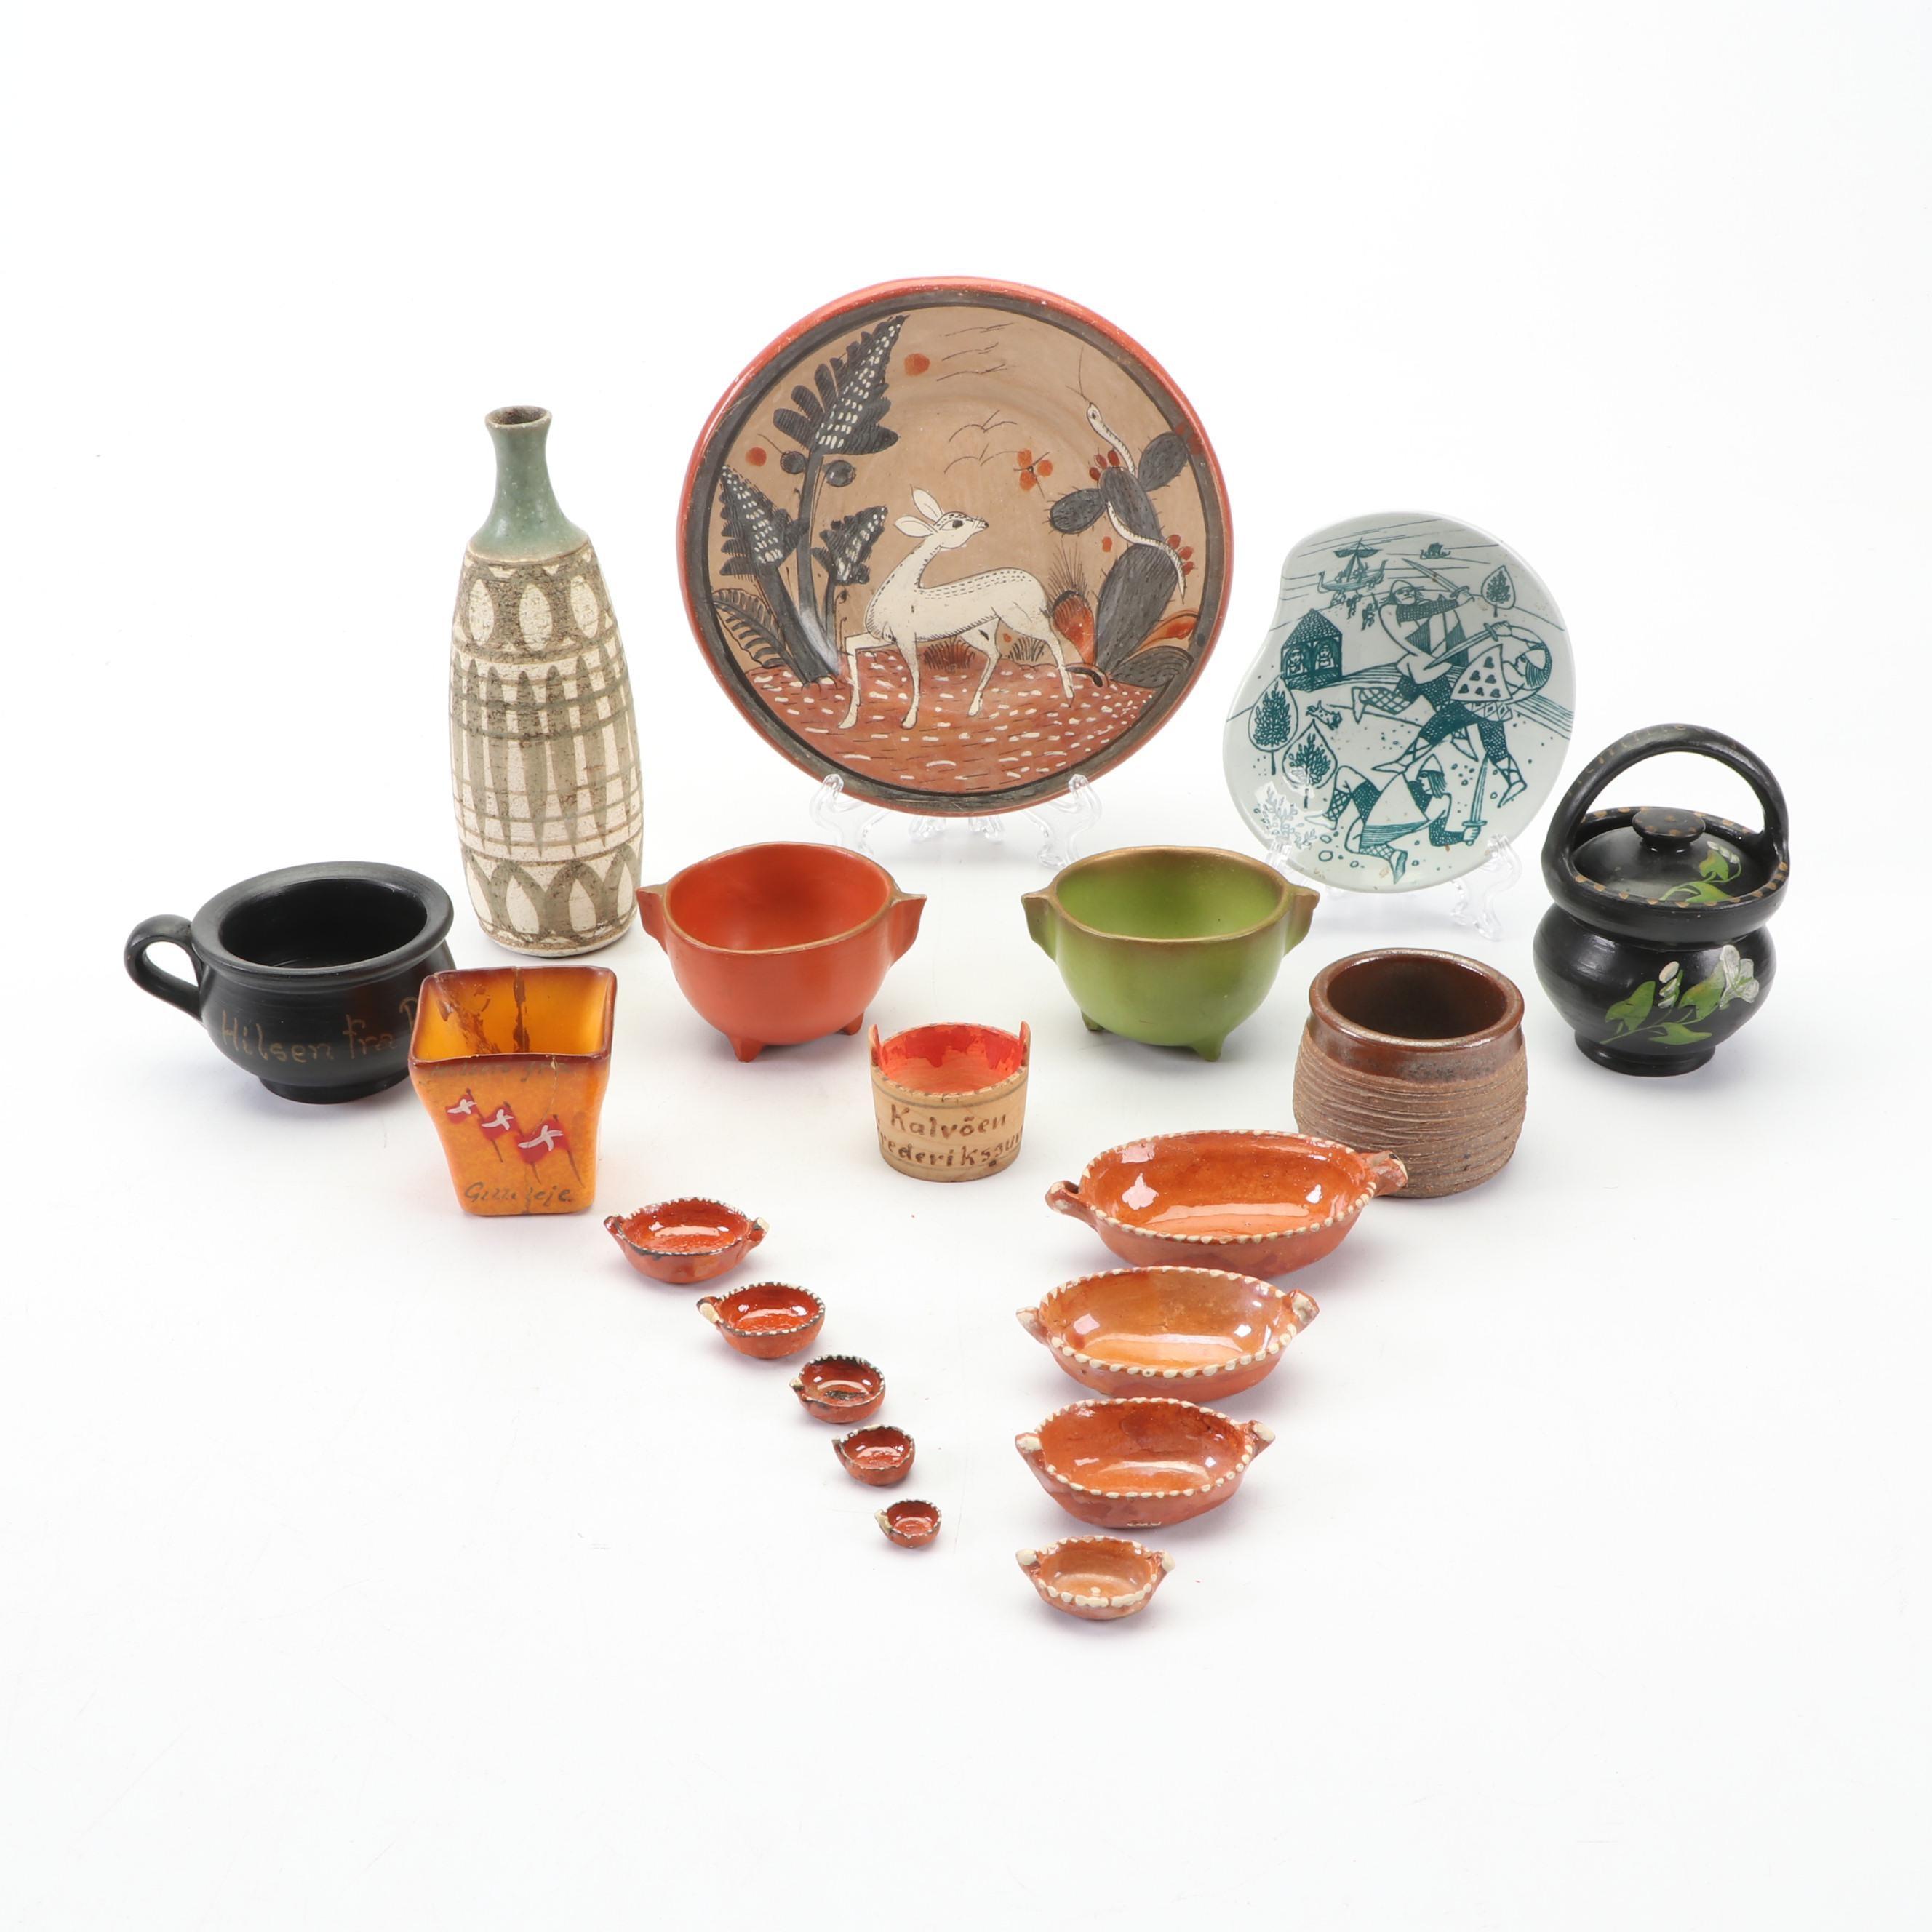 Scandinavian, Mexican and American Handmade Folk Art Pottery Decor